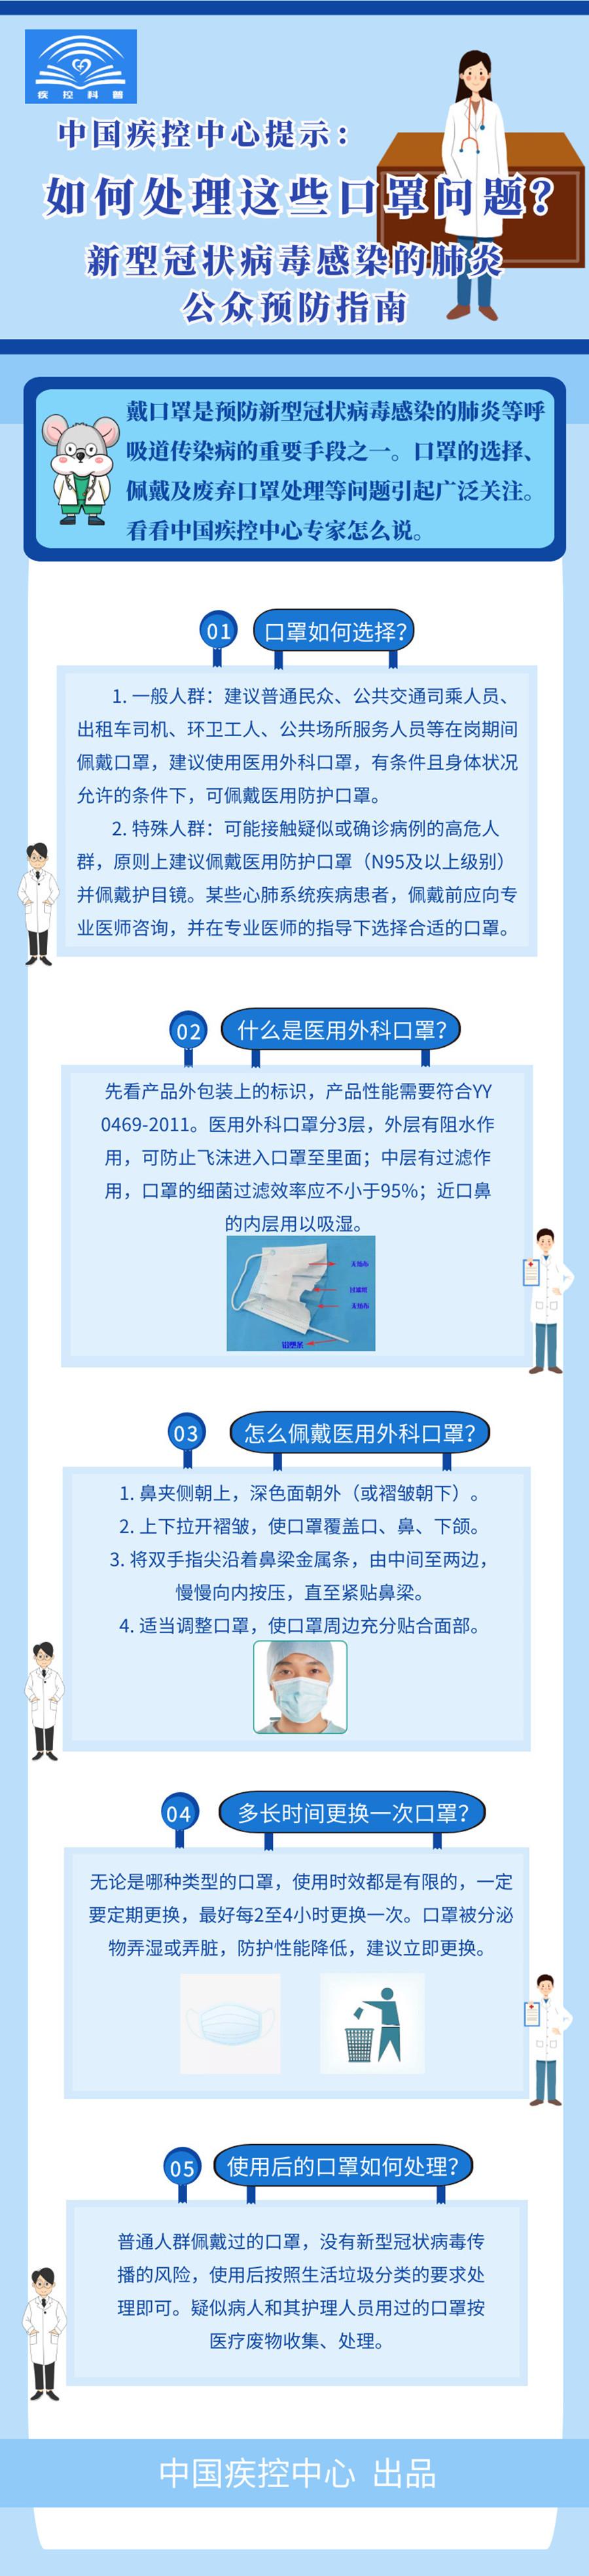 中国疾控中心提示:如何处理这些口罩问题?